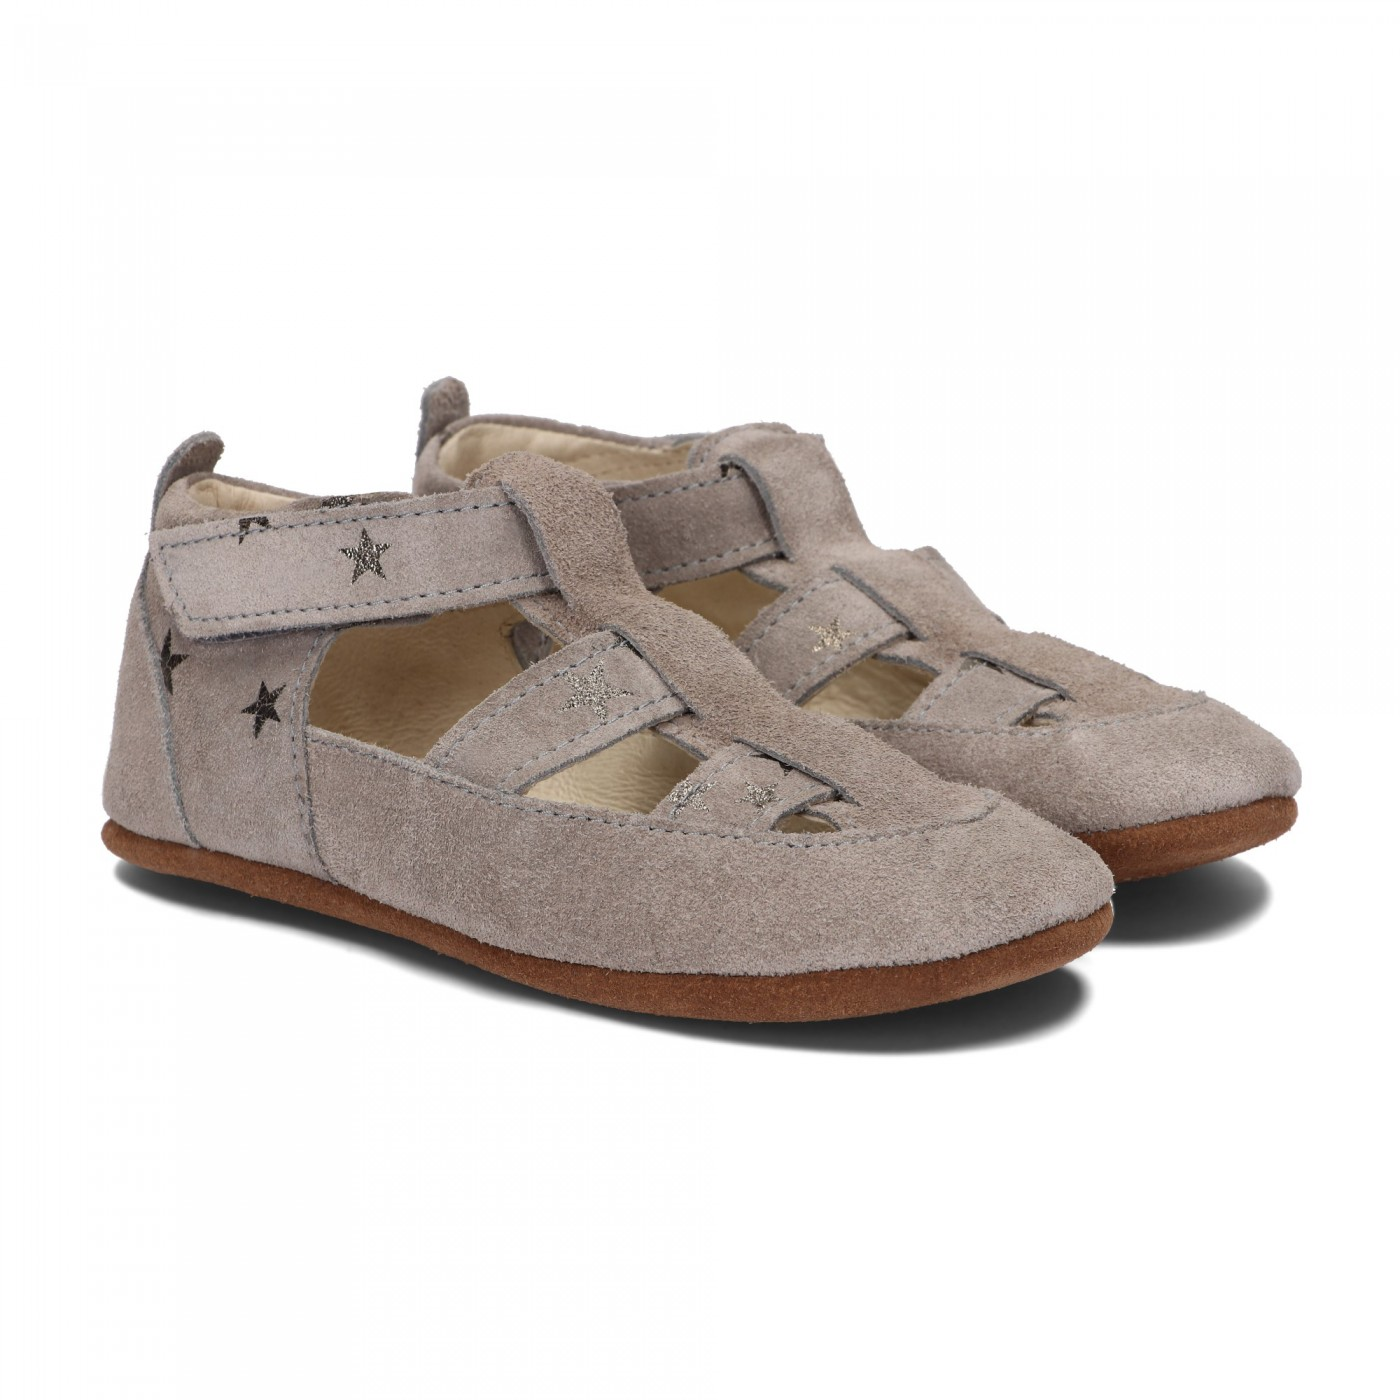 Pantofelki Barefoot szare gwiazdki